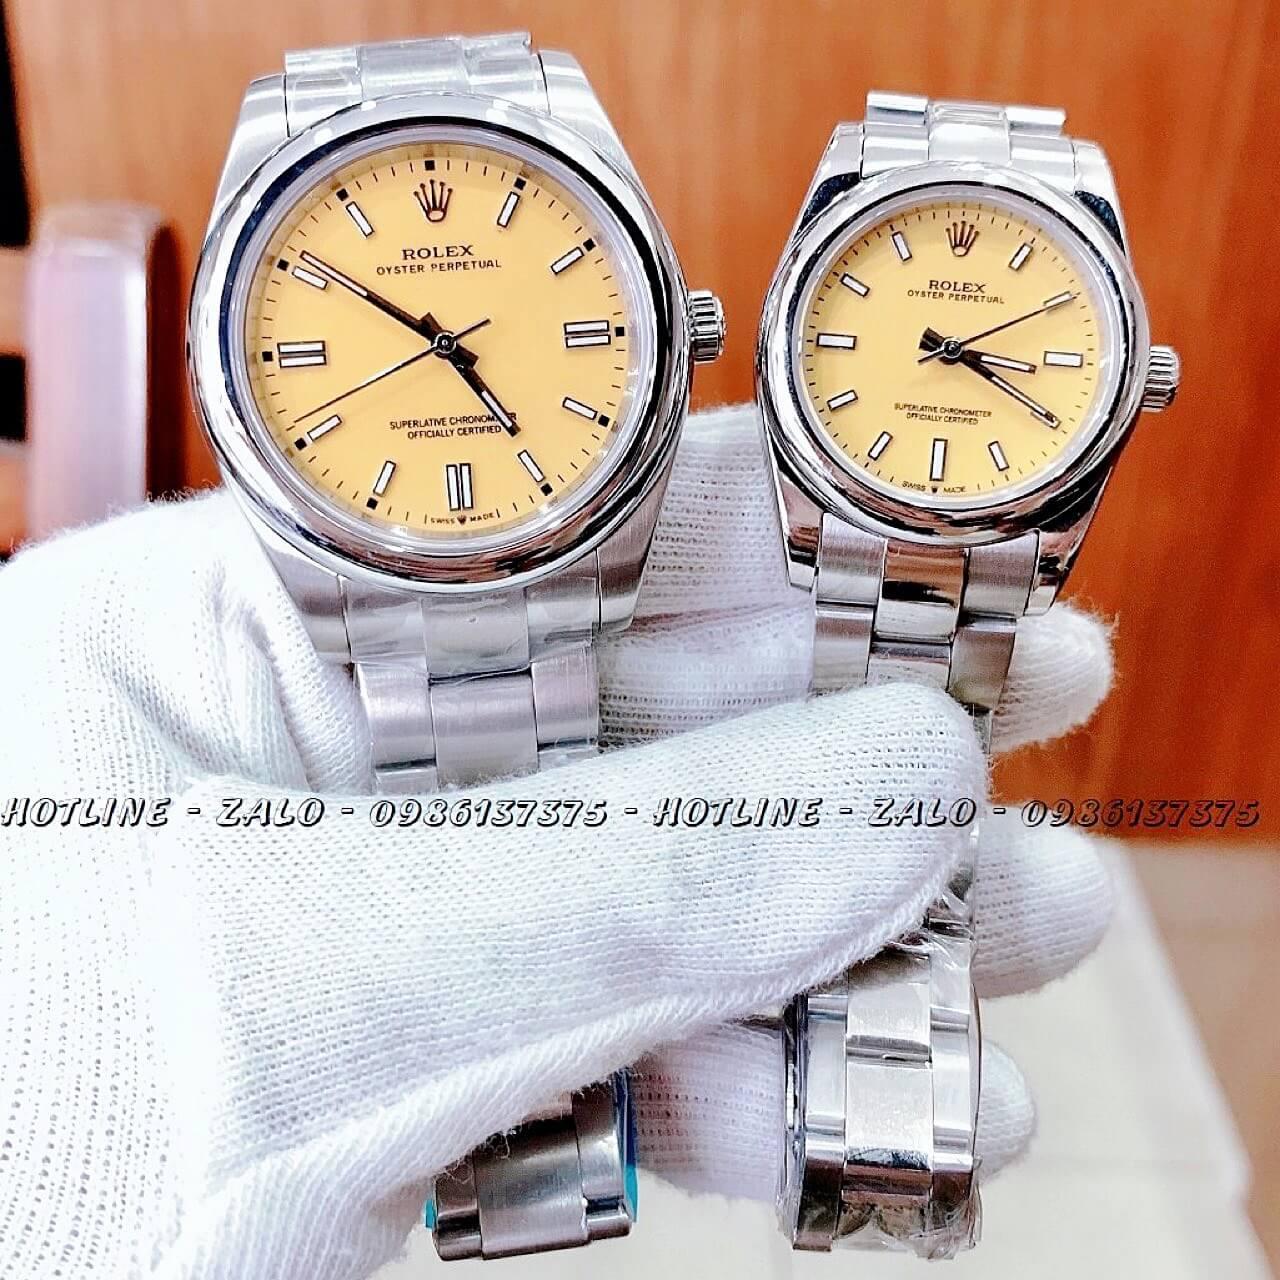 Đồng Hồ Rolex Automatic Cặp Đôi Siêu Cấp Bạc Mặt Vàng Chanh